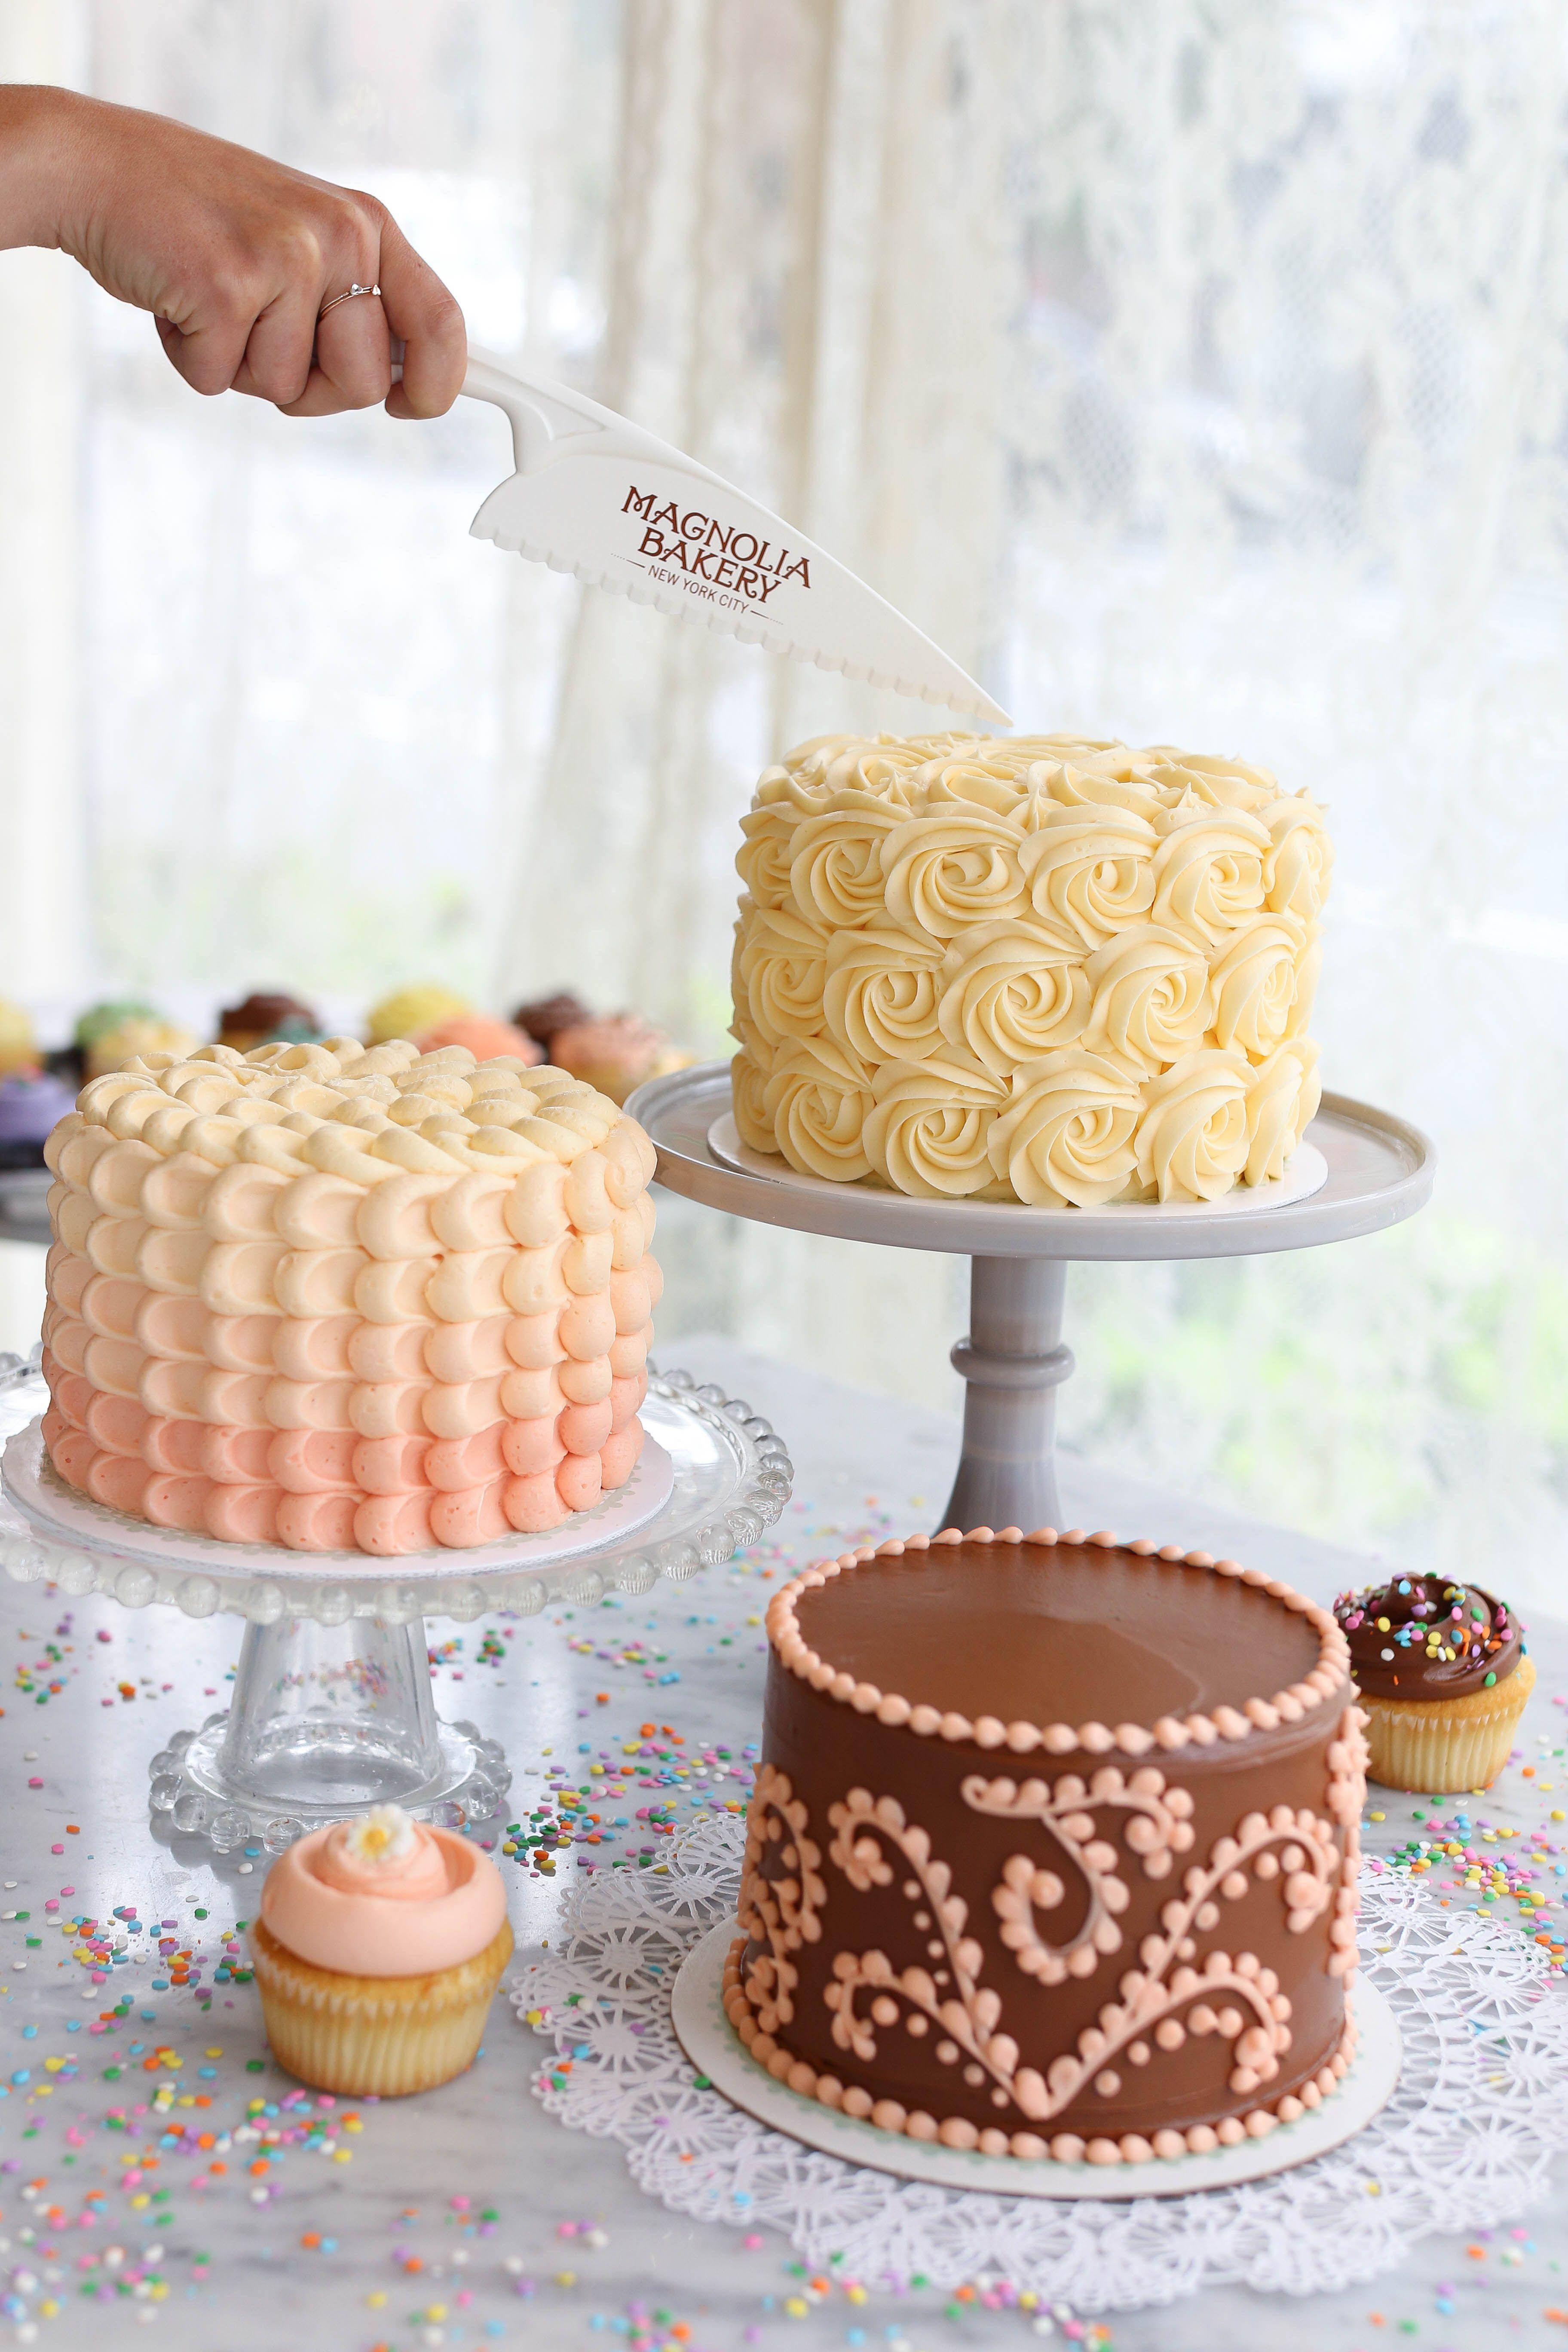 Custom cakes by magnolia bakery in 2020 bakery